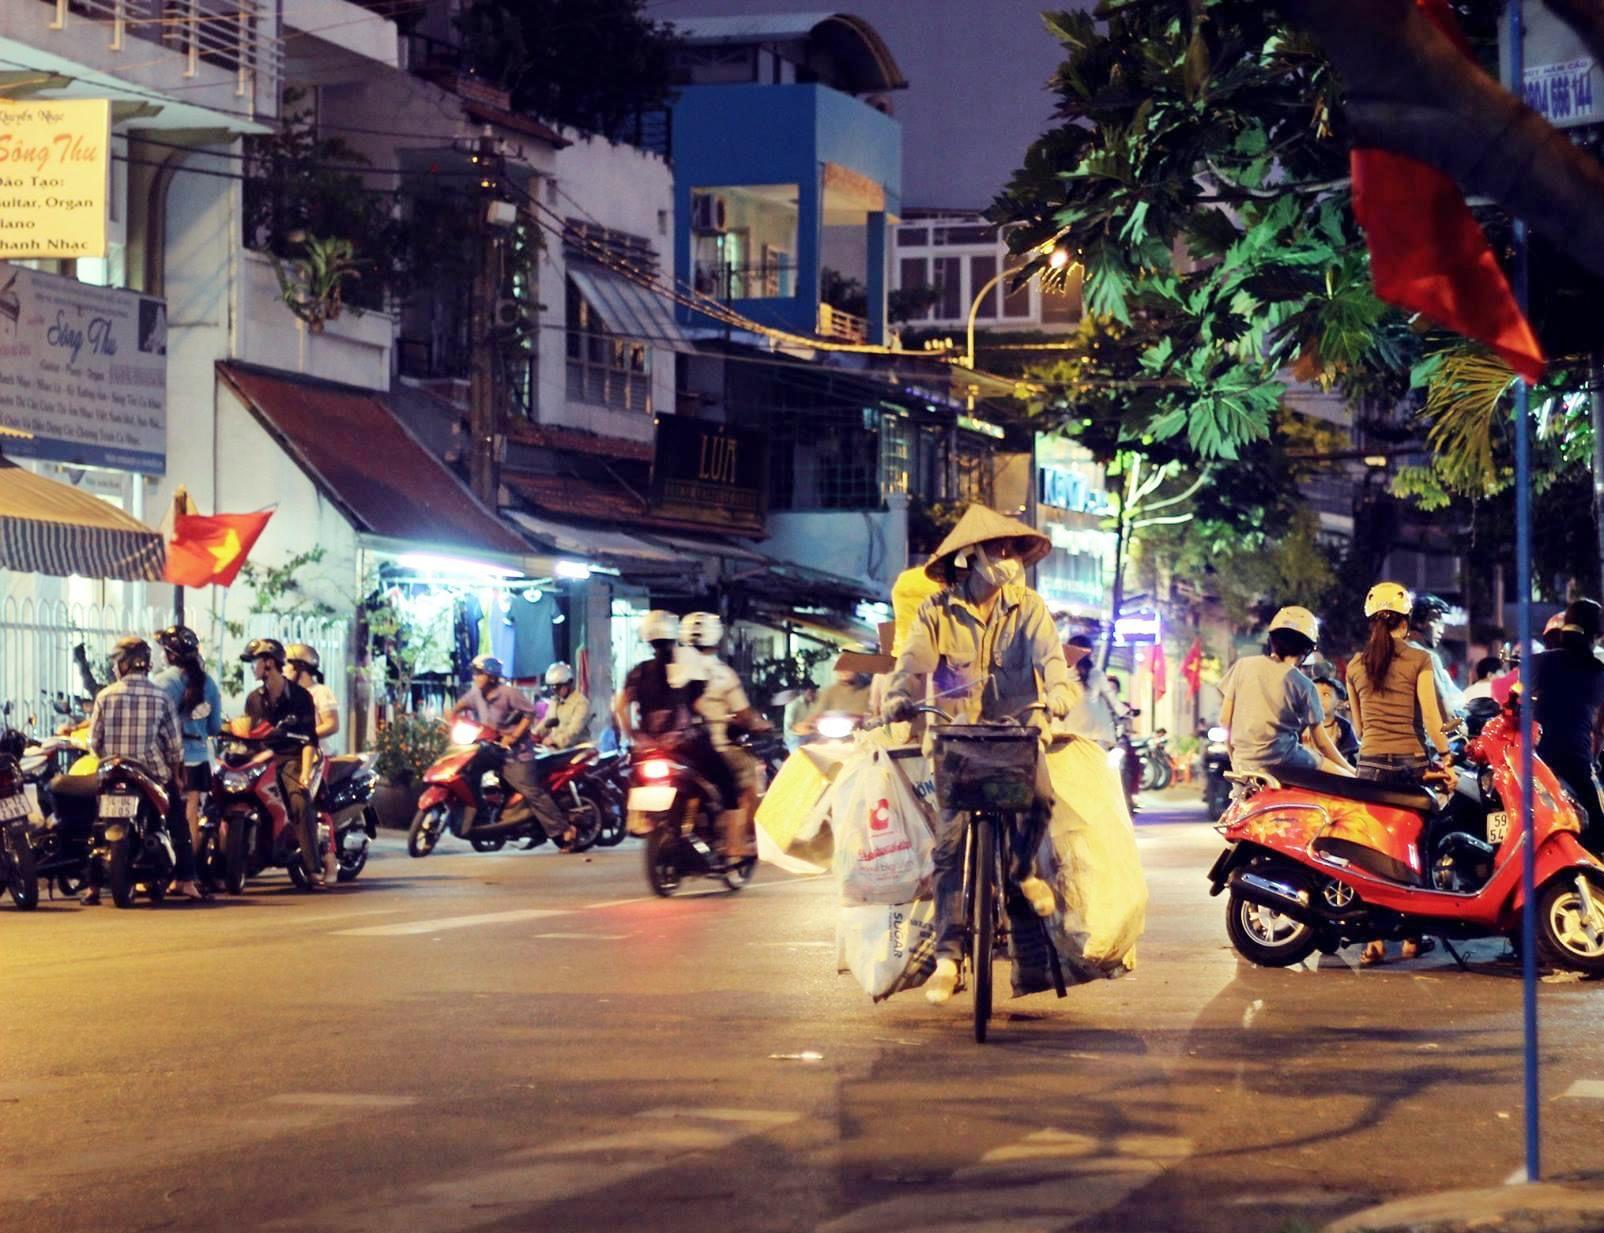 Vỉa hè Sài Gòn đêm dung chứa đủ kiểu mưu sinh.Ảnh: T.V